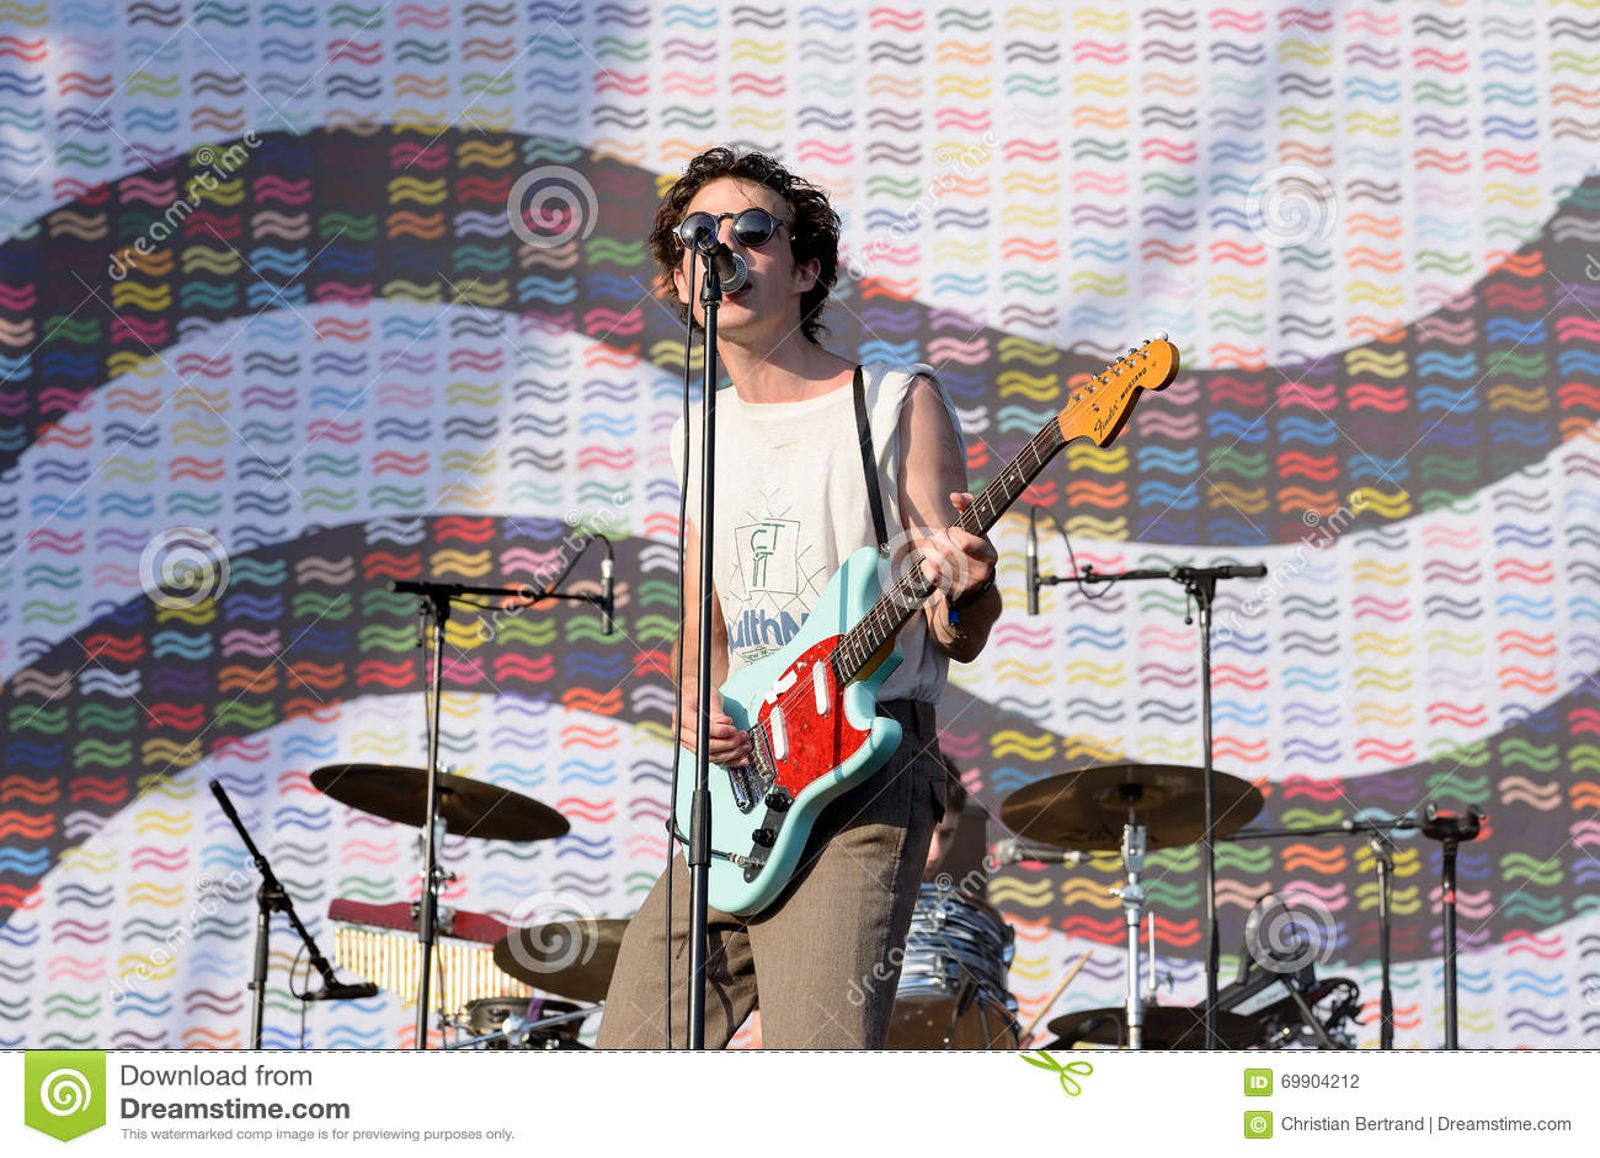 Zwem diep (indie pop band) in overleg bij FIB Festival